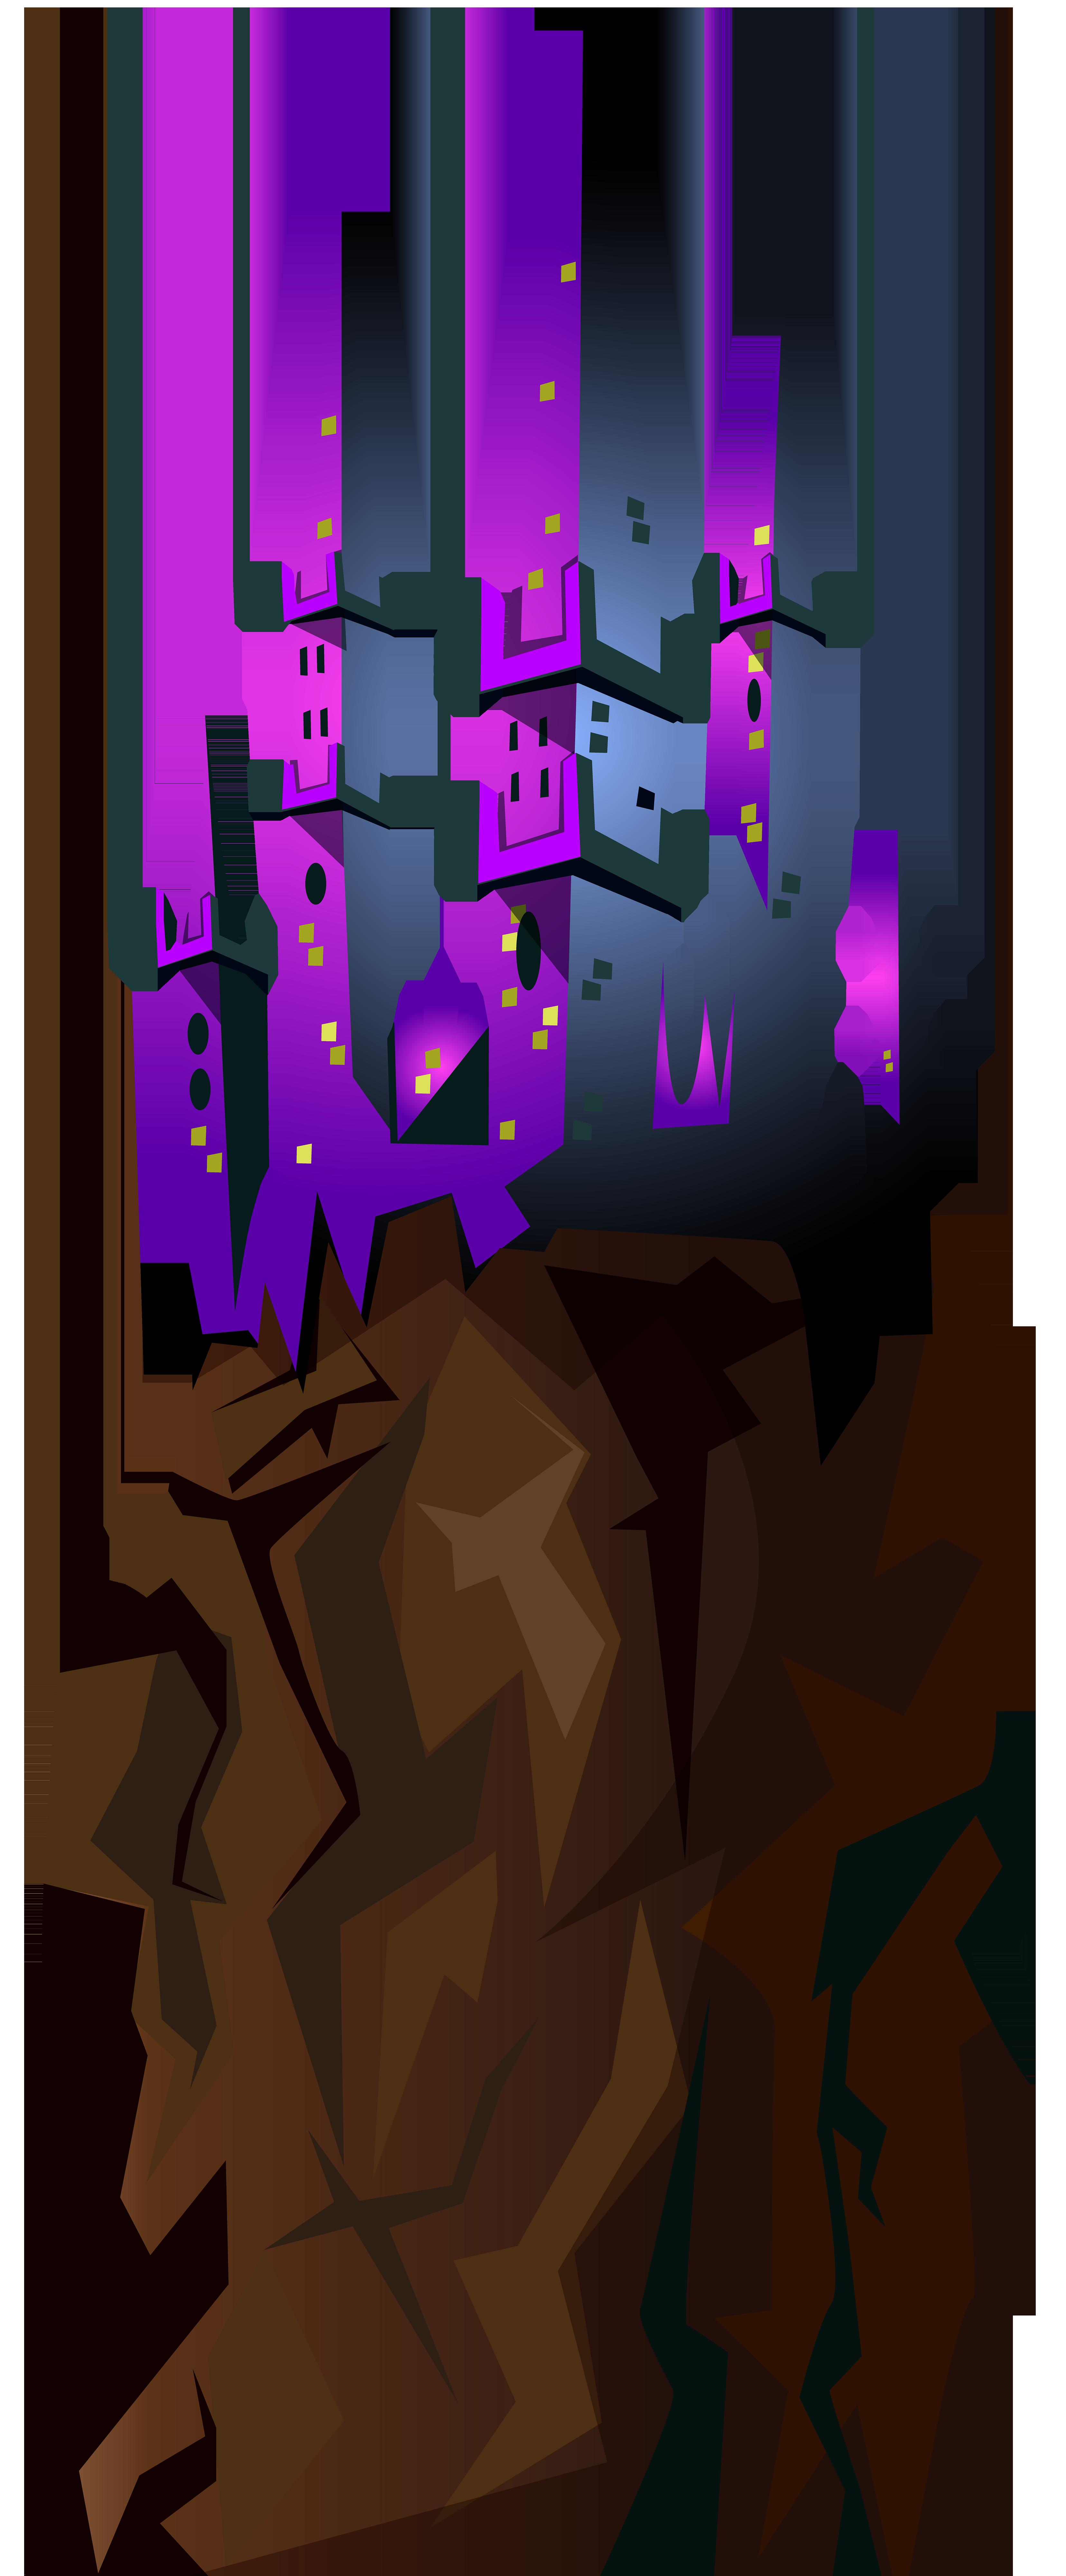 Castle on the Rock Transparent PNG Clip Art Image.